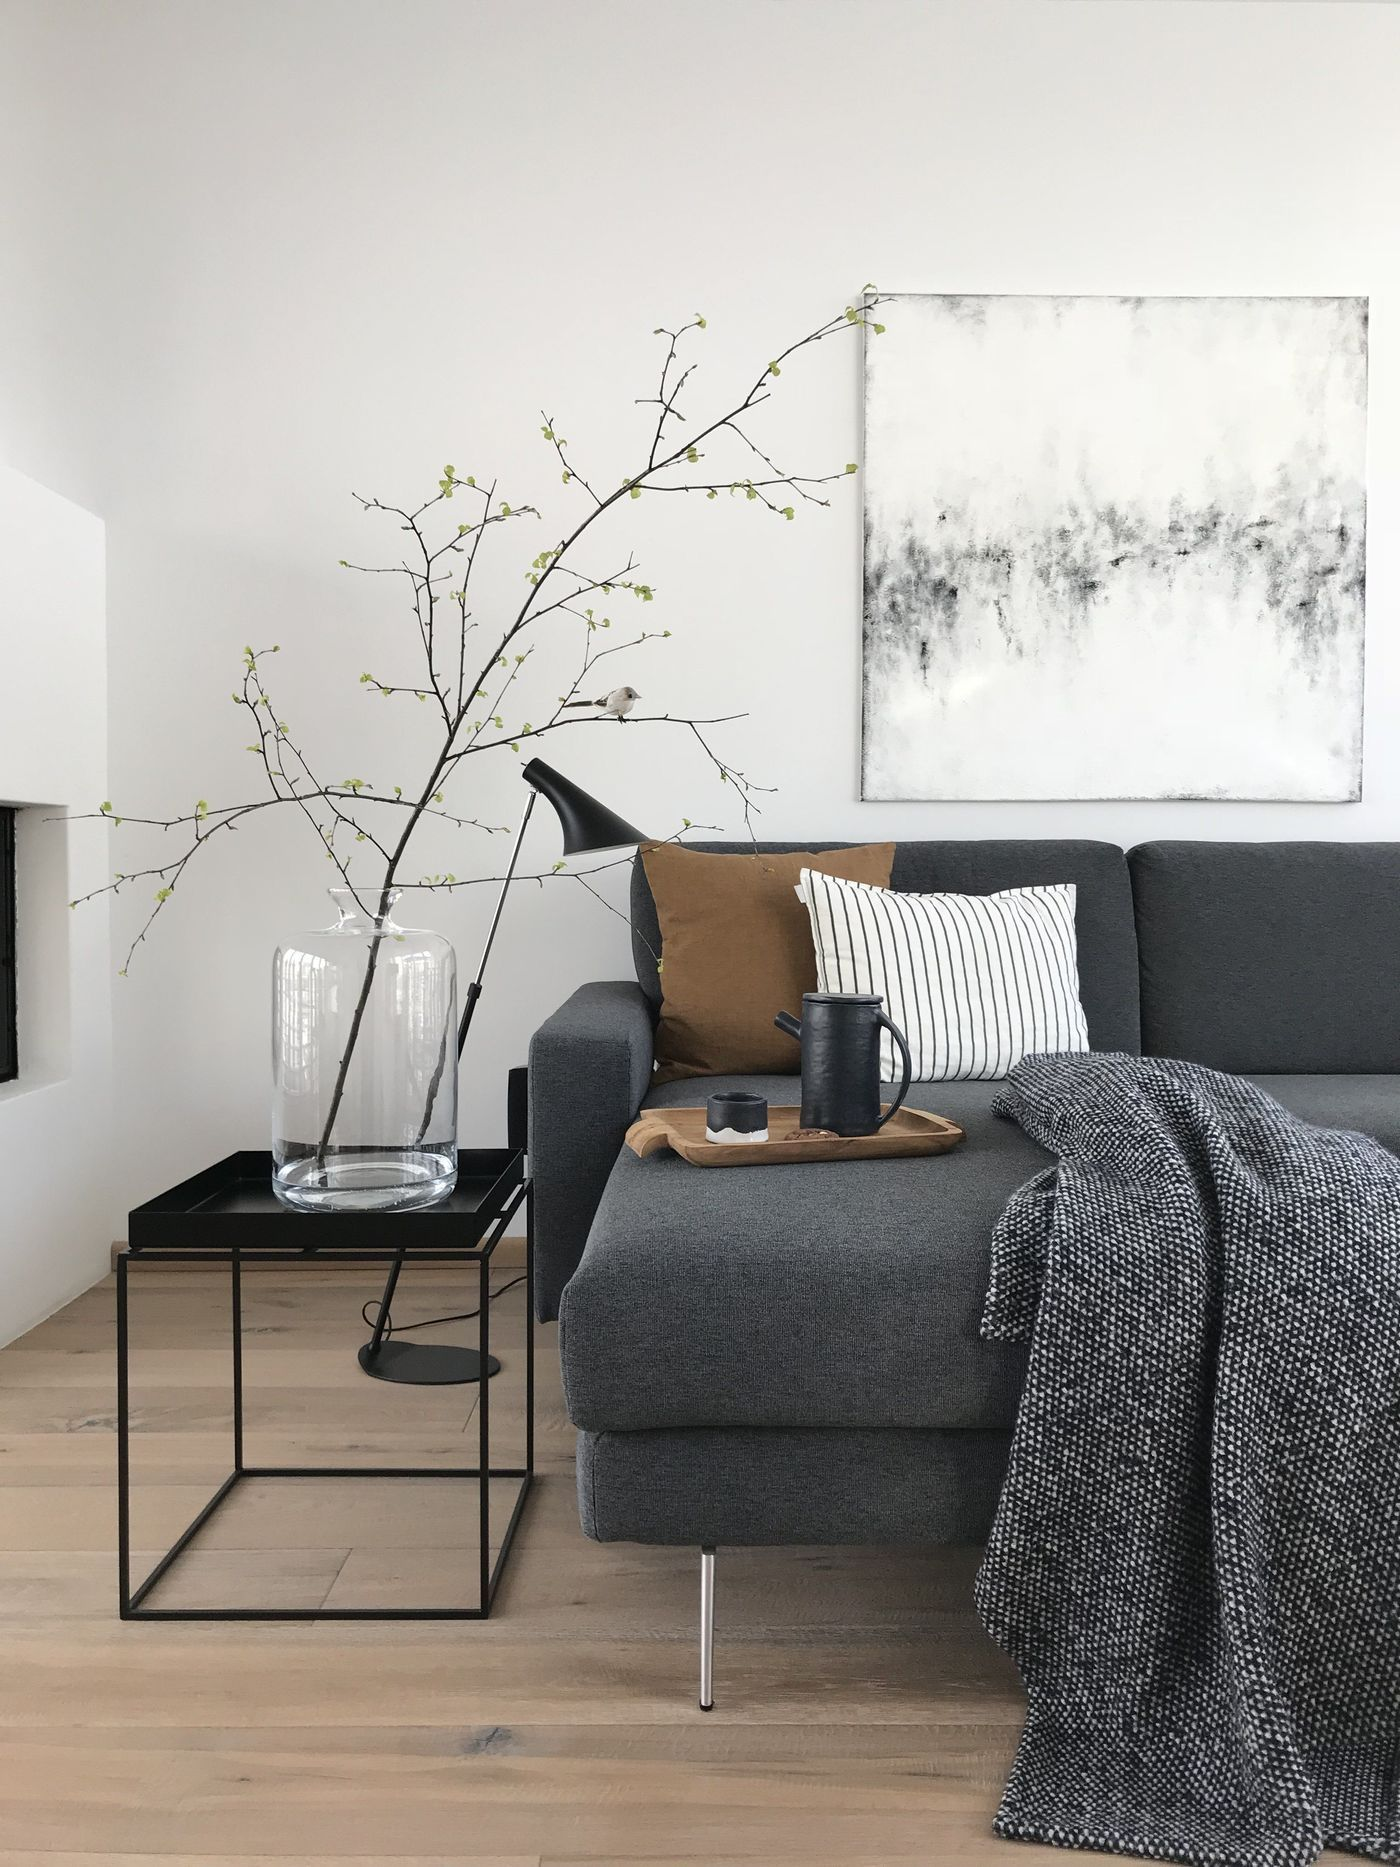 Wohnzimmer  Wohnzimmer  Pinterest  Wohnzimmer Wohnen und Wohnzimmer ideen